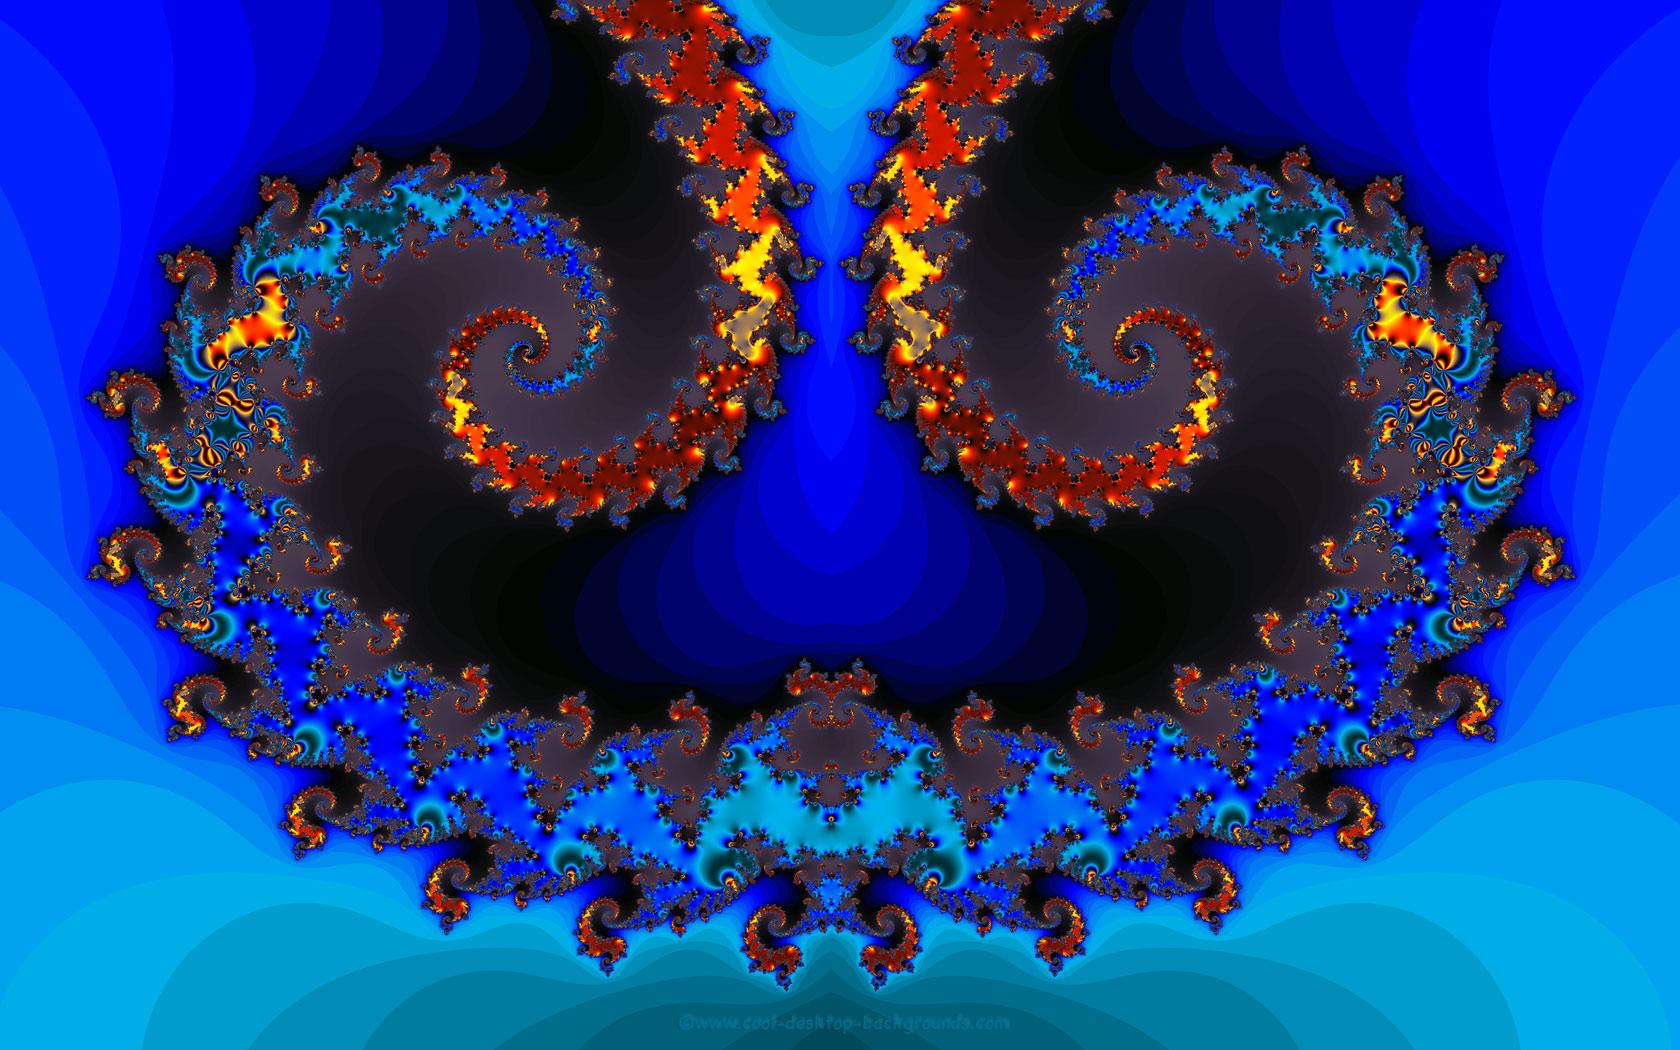 Pin fractals wallpaper screensaver 1920x1080 hdmi 1680x1050